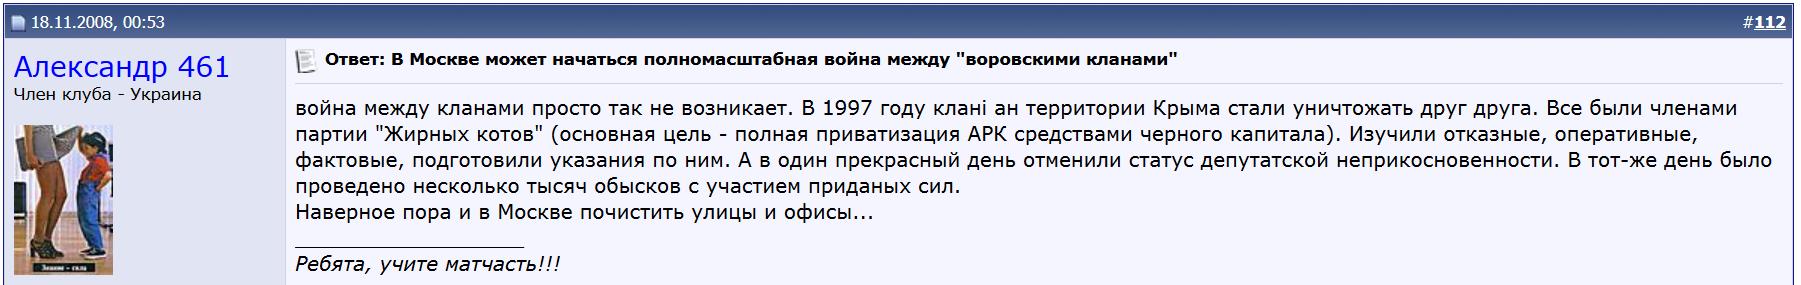 Цитата: в Украине-то использовались хоть какие-то действенные средства для борьбы с беззаконием